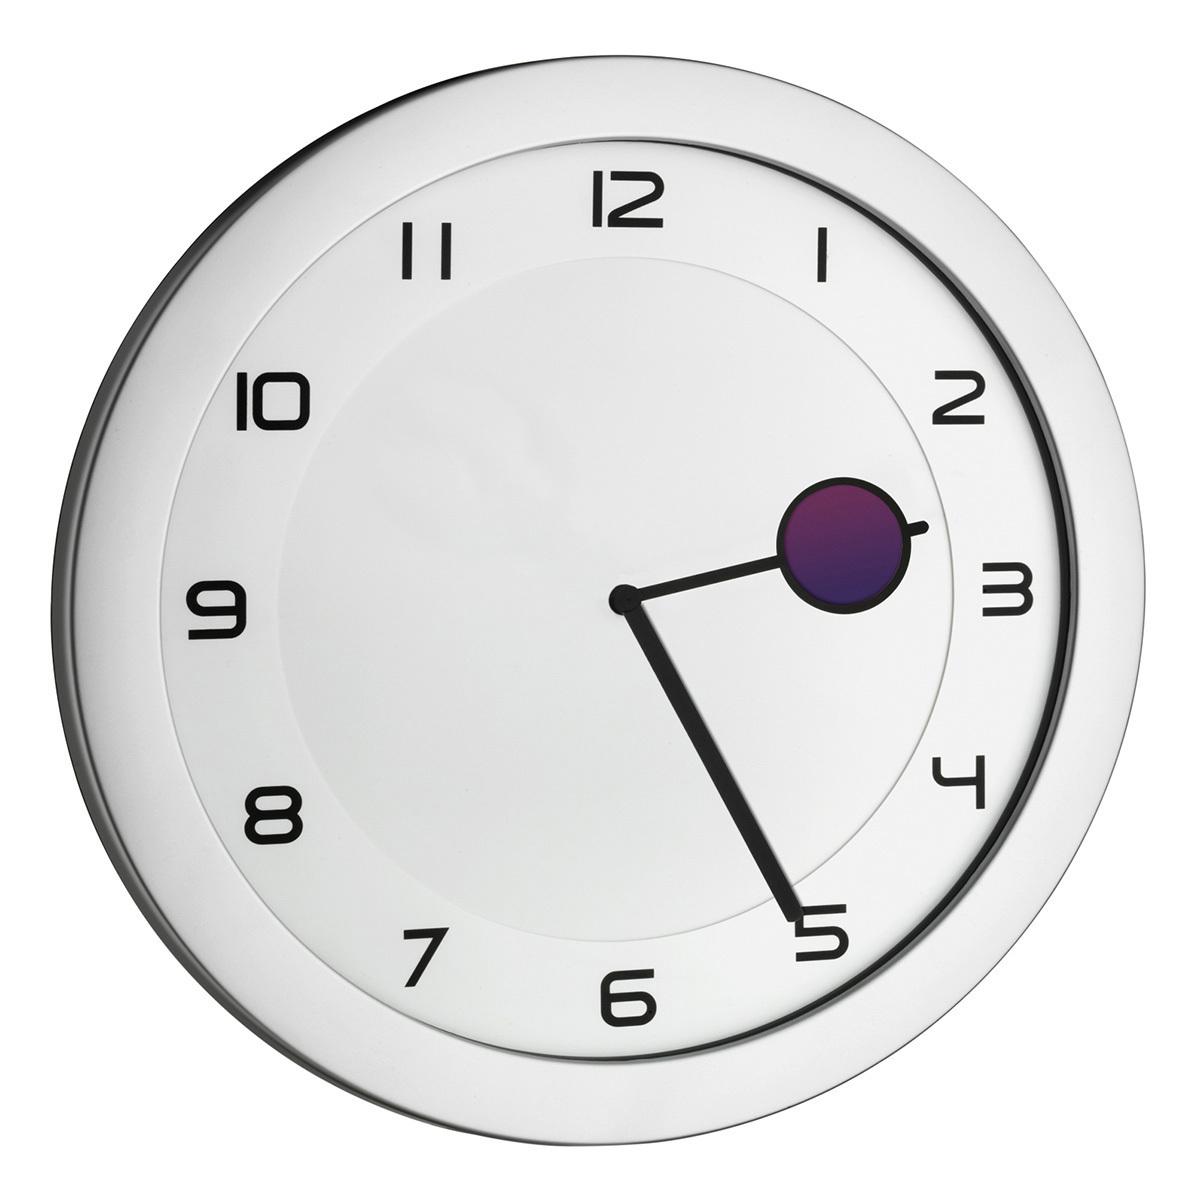 60-3028-54-analoge-wanduhr-happy-hour-lila-1200x1200px.jpg